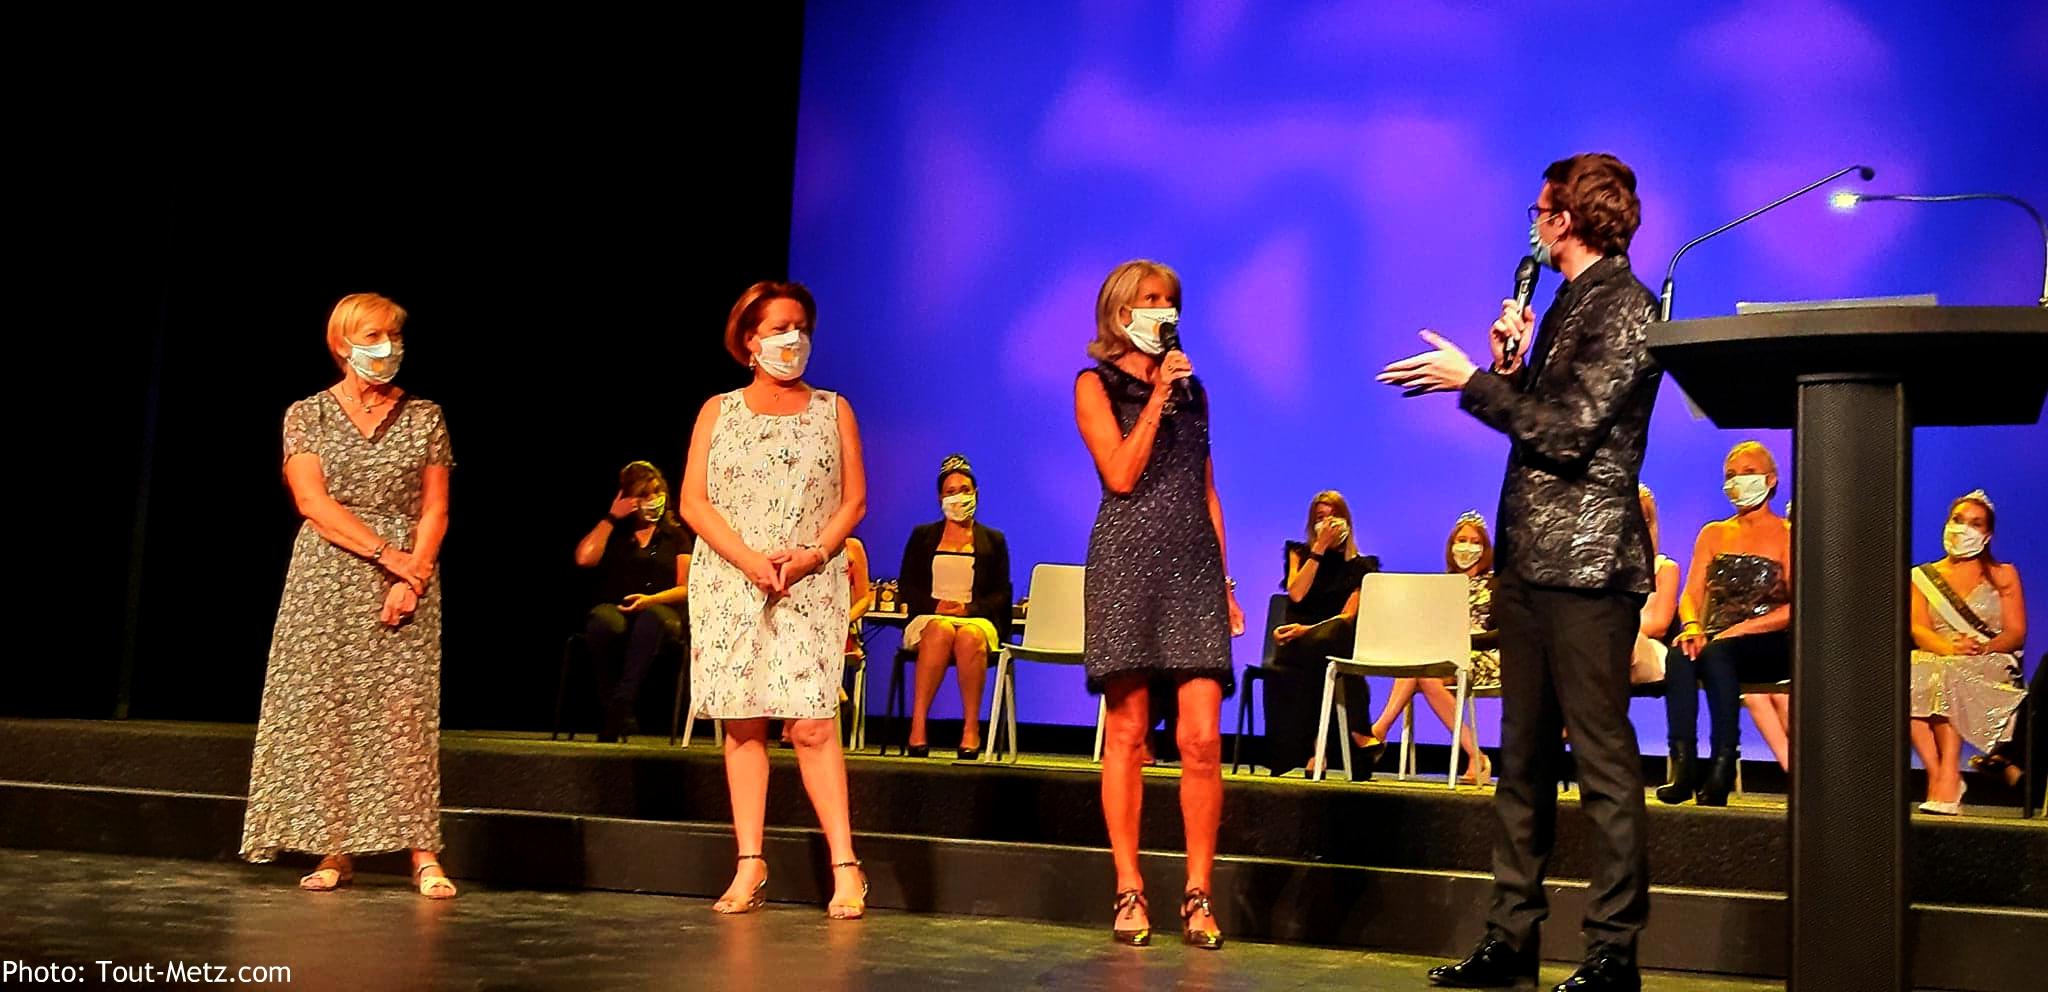 Photo de Metz : 15 anciennes Reines de la mirabelle réunies à l'Opéra-Théâtre